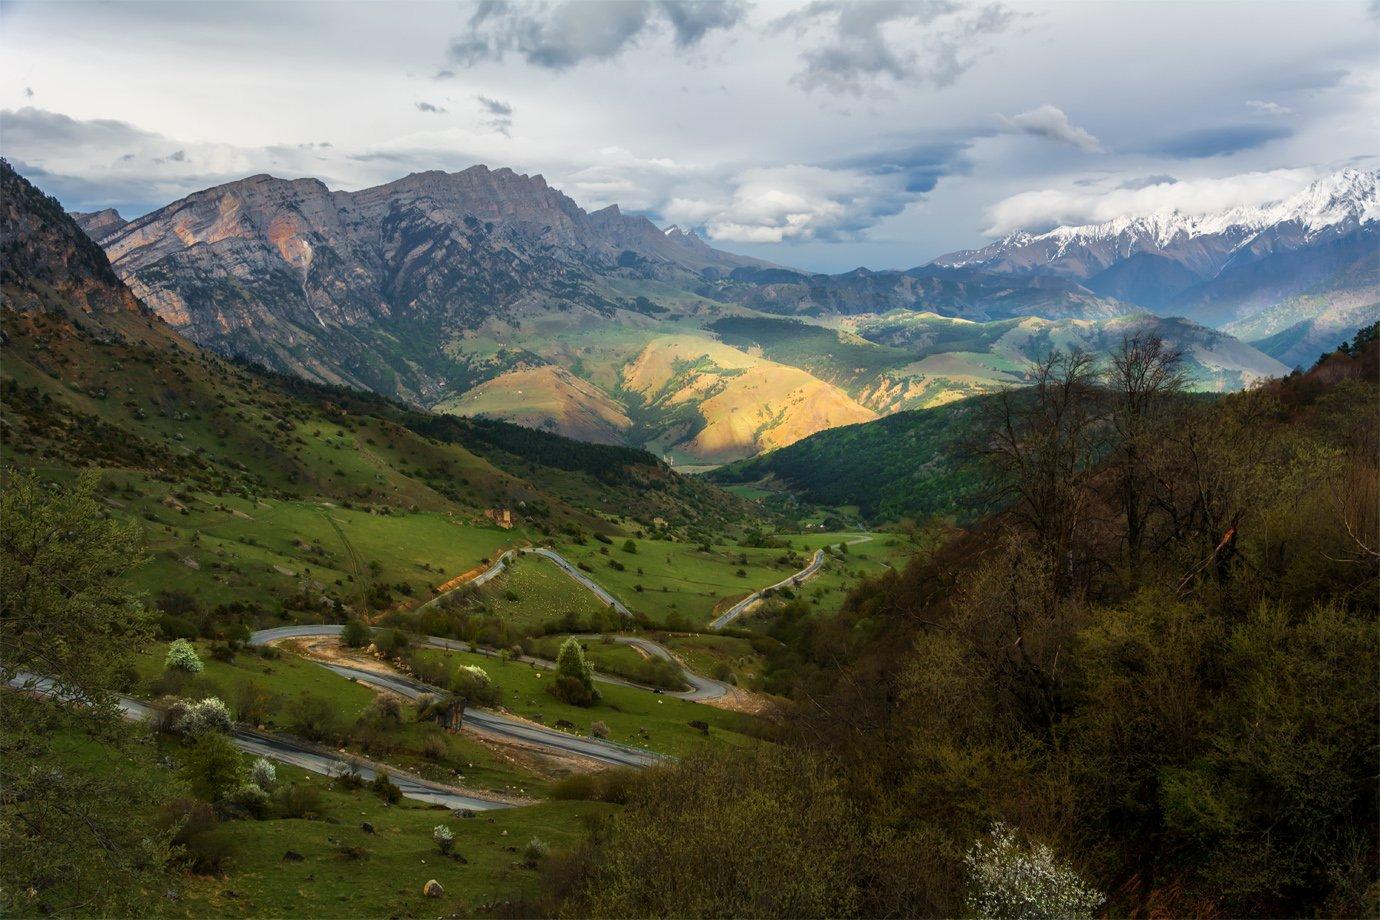 природа, пейзаж, кавказ, горы, весна, вечер, панорама, закат, солнце, небо, облака, свет, дорога, Альберт Беляев